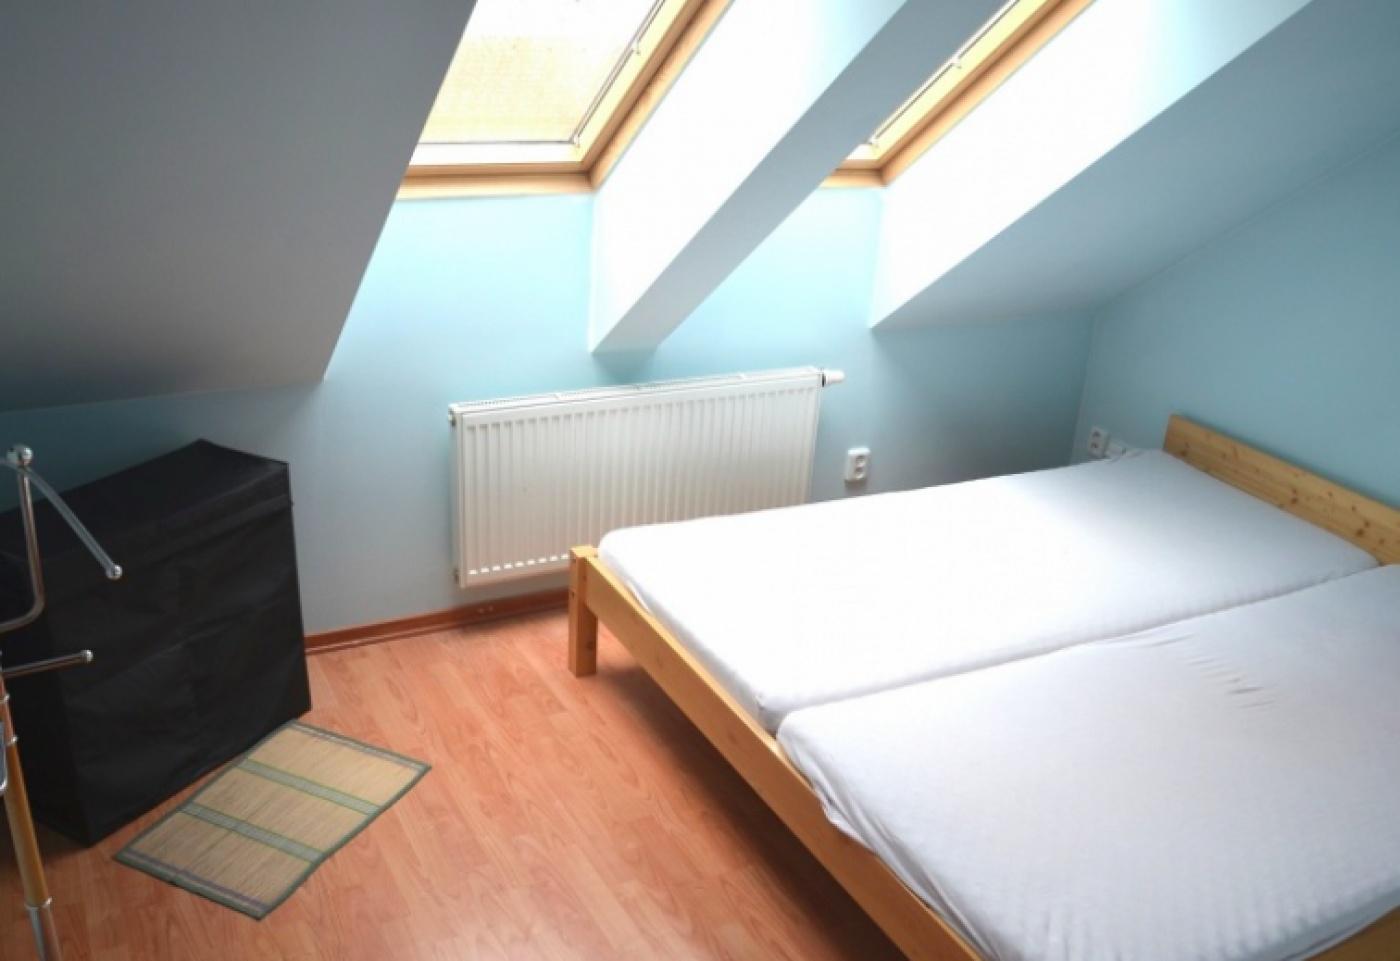 Půdní byt 3+kk, plocha 106 m², ulice Londýnská, Praha 2 - Vinohrady, cena 8 800 000 Kč   3